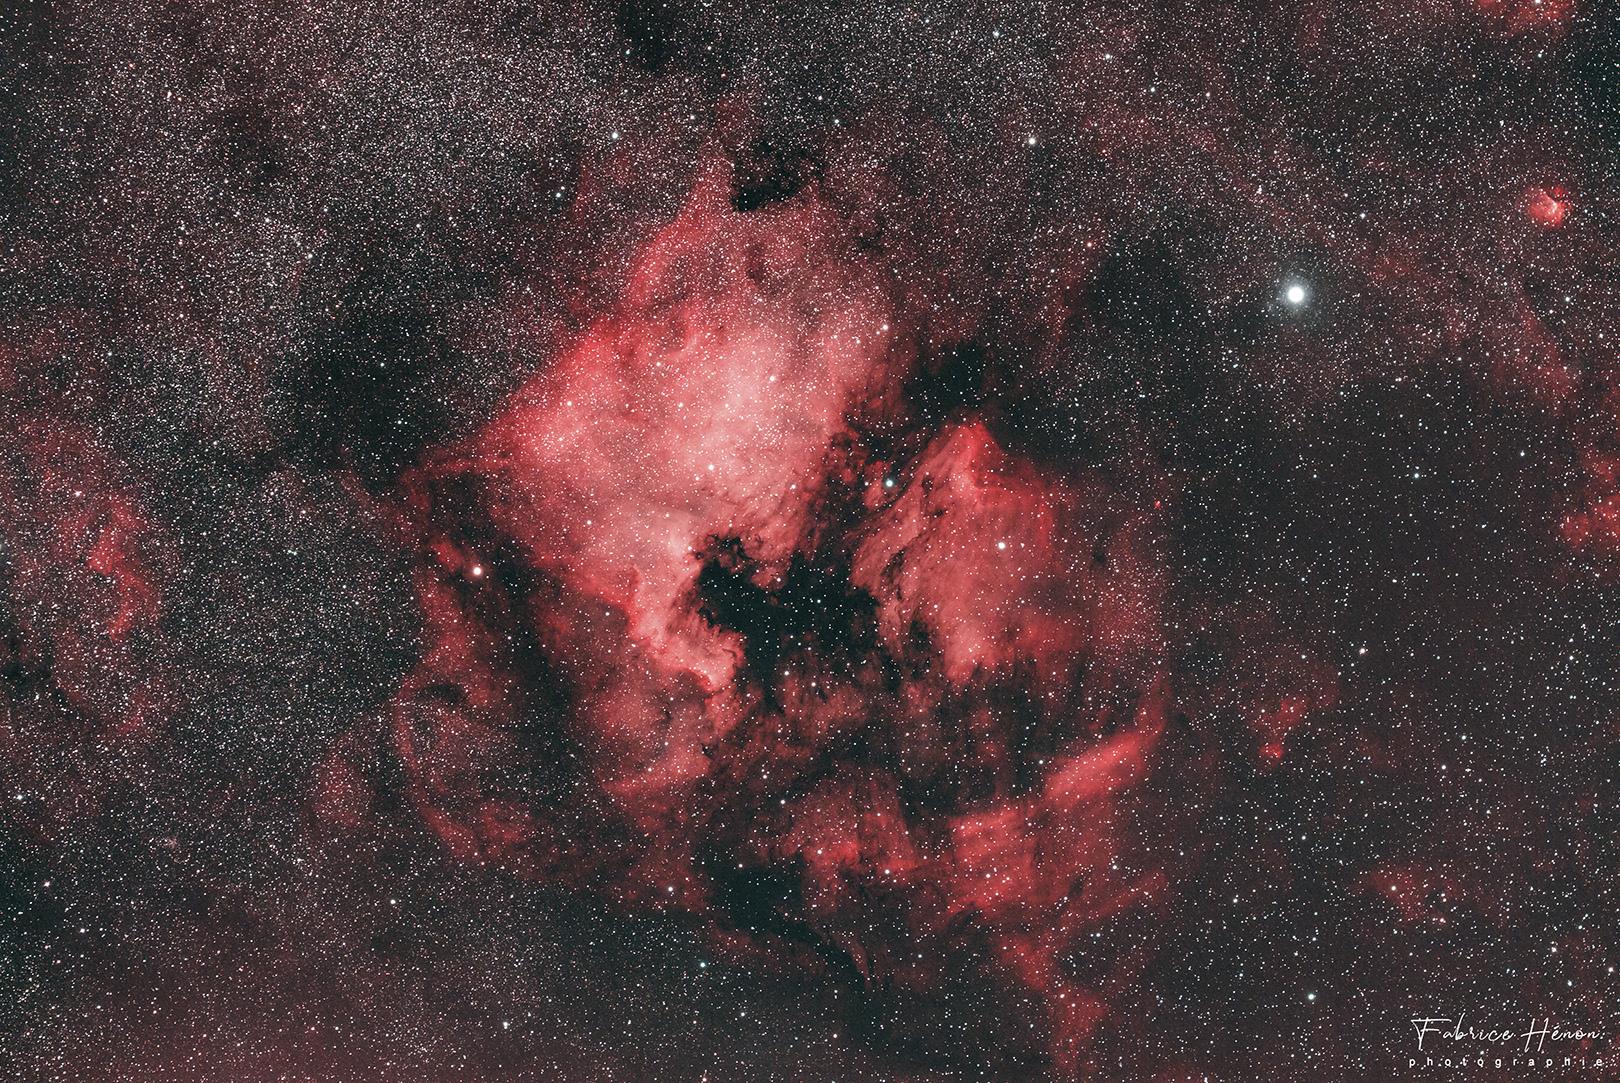 20200530_NGC 7000 - VAUDANCOURT_001 (Deneb).jpg